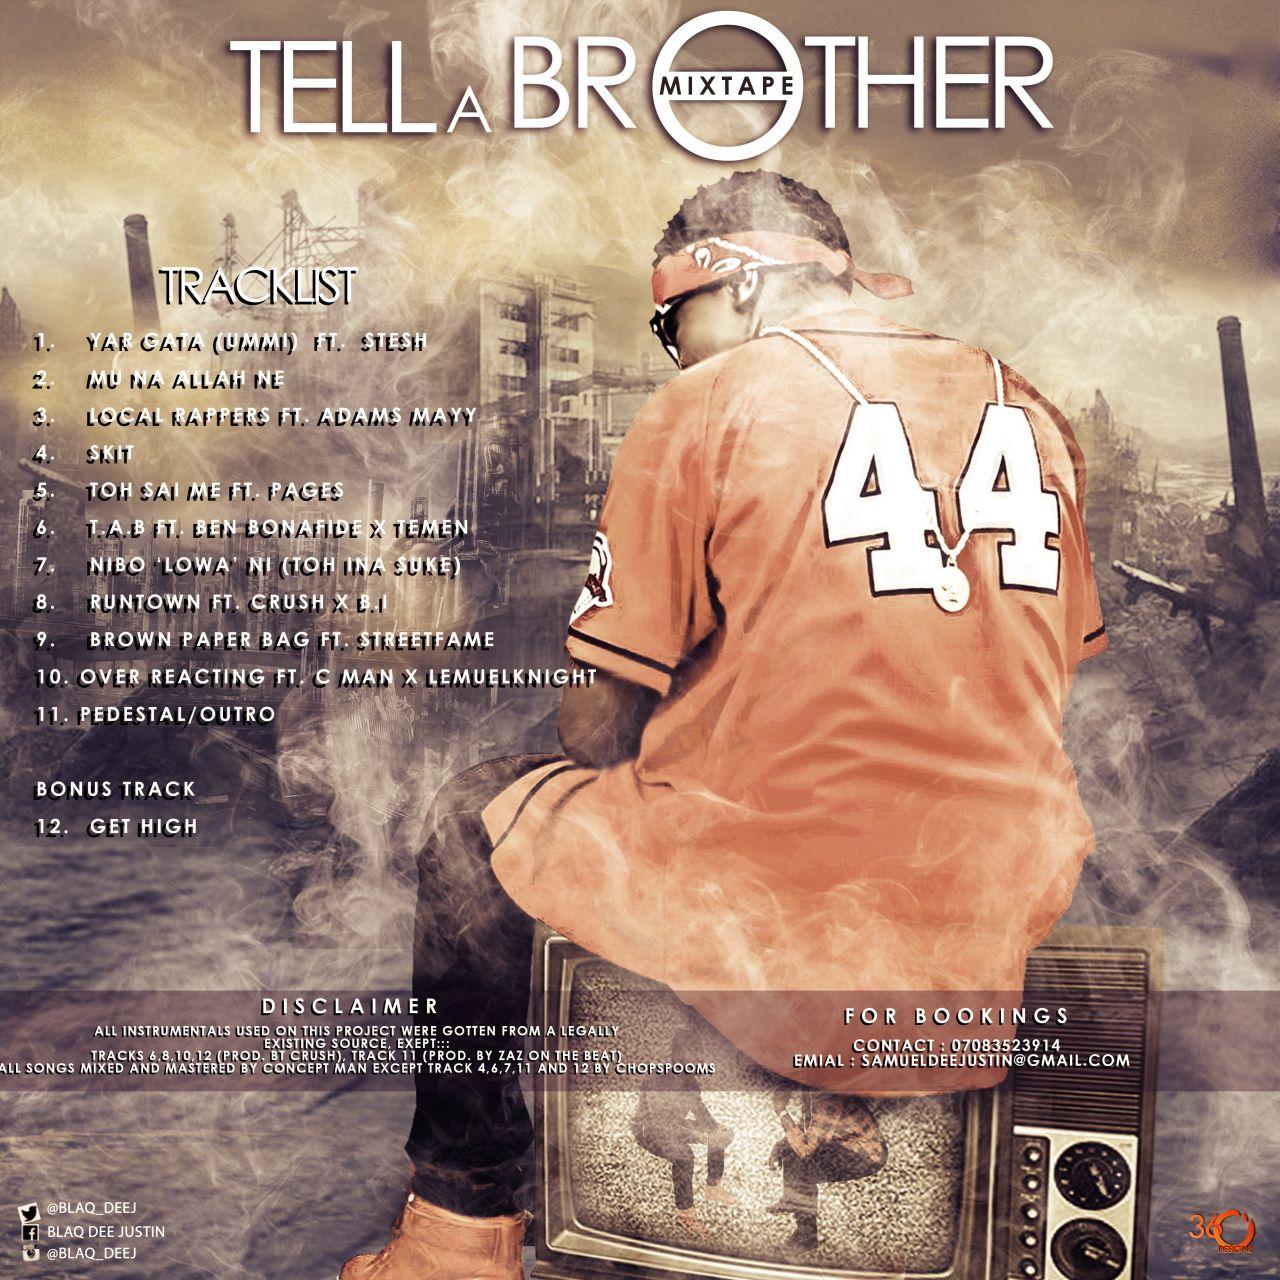 BLACK DEE. TELL A BROTHER www.beautifularewa.com